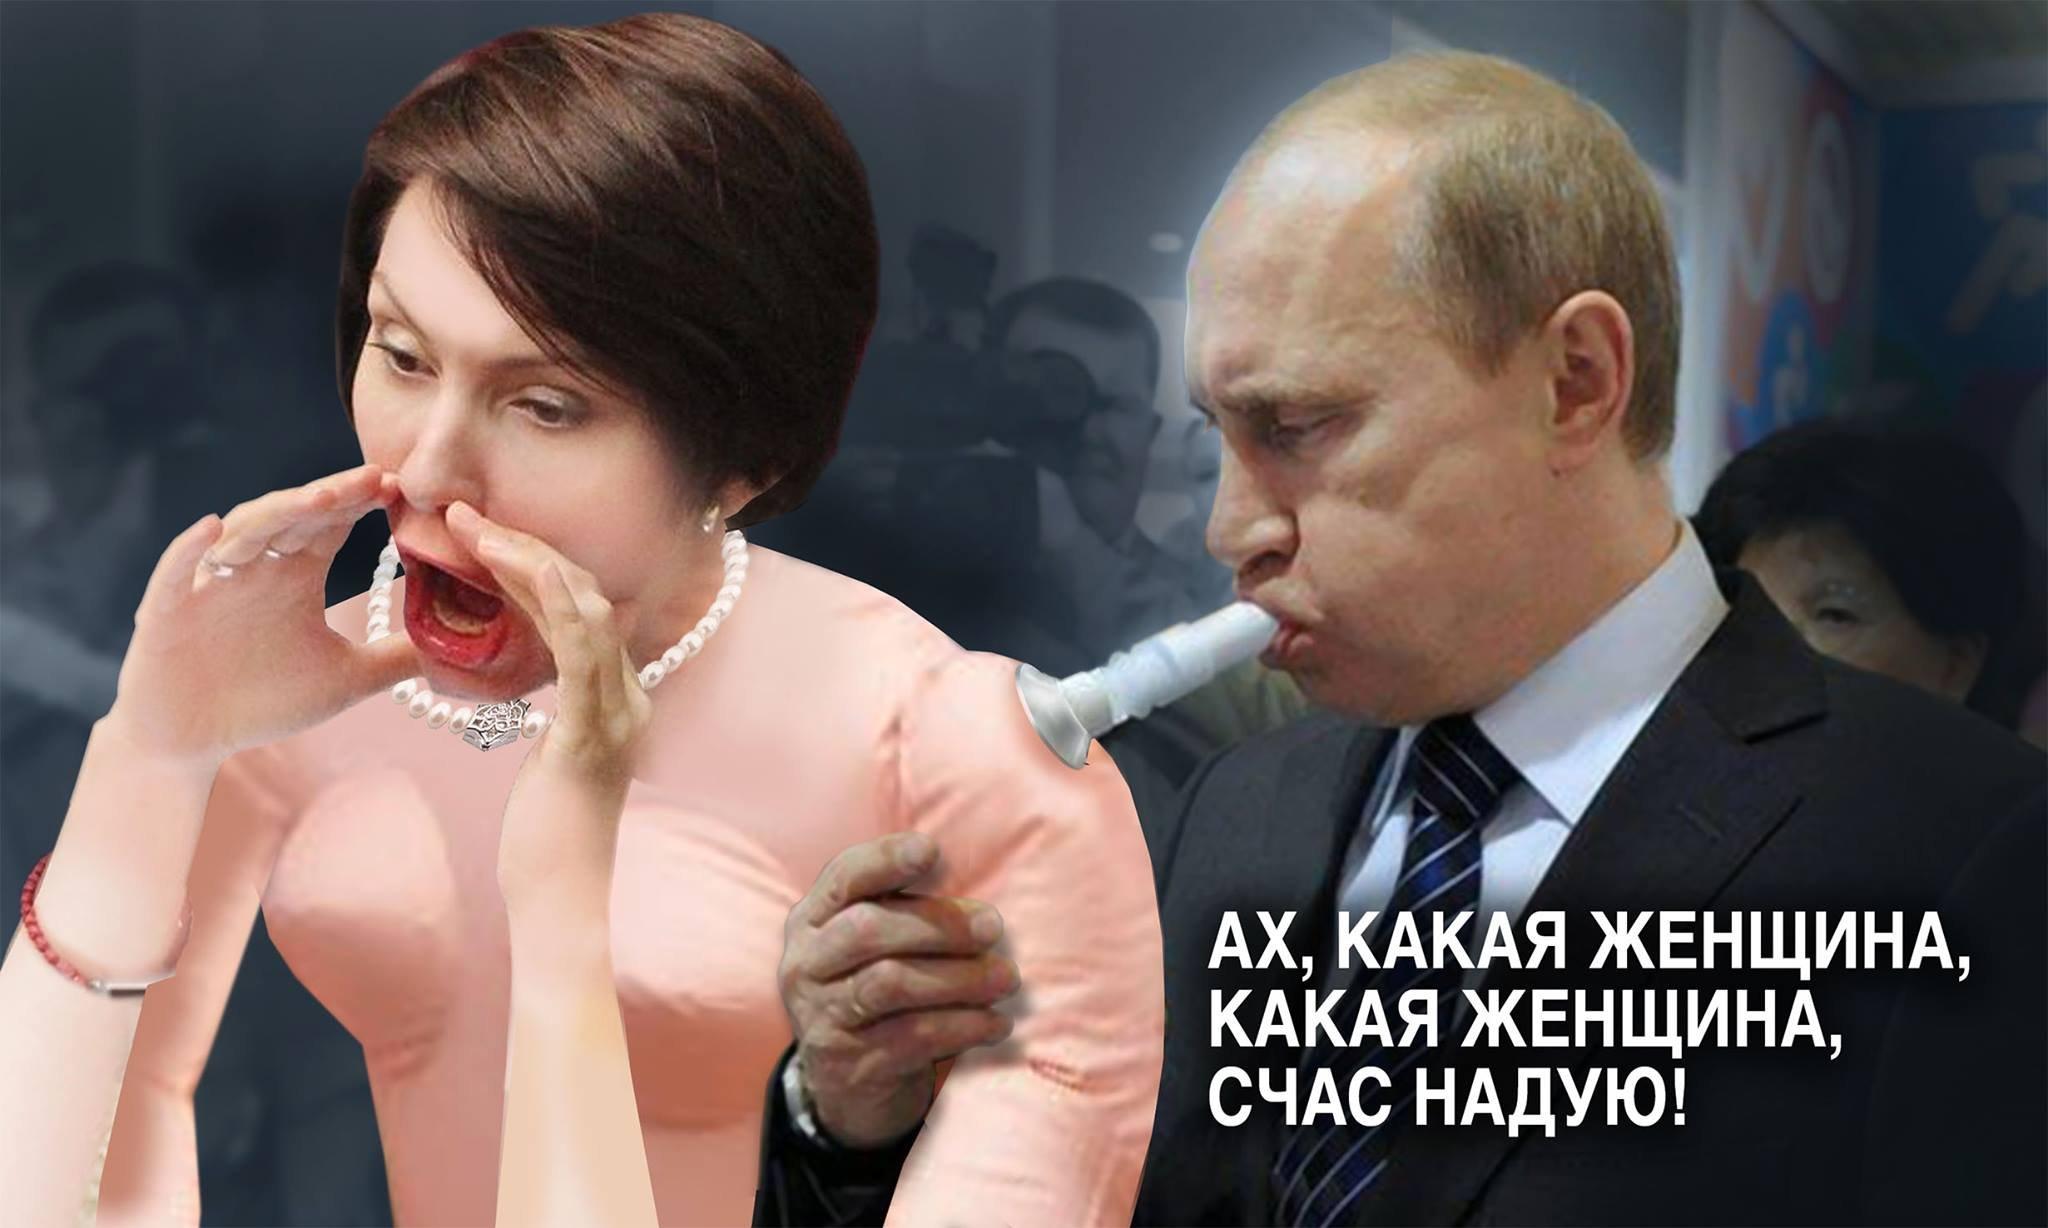 Политический реализм, кремлевский дартс, стратегия Путина. Свежие ФОТОжабы от Цензор.НЕТ - Цензор.НЕТ 8654